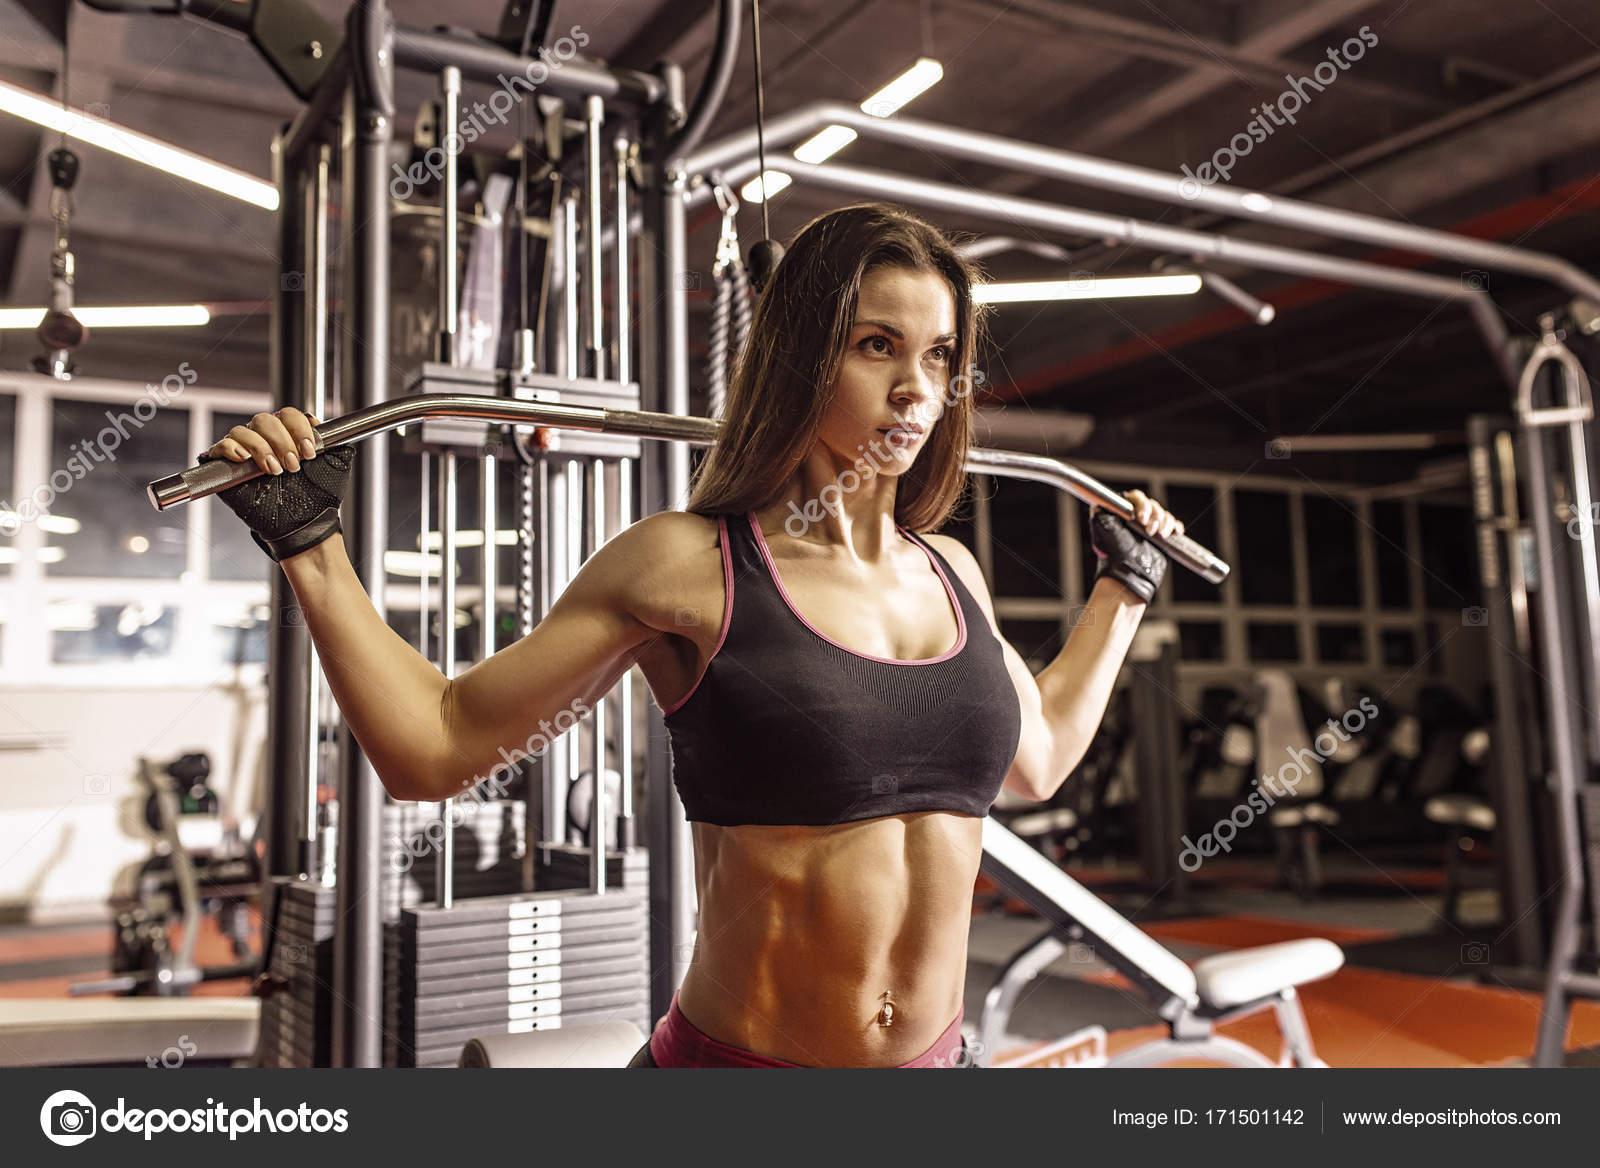 Упражнения на плечи и руки для девушек в тренажерном зале